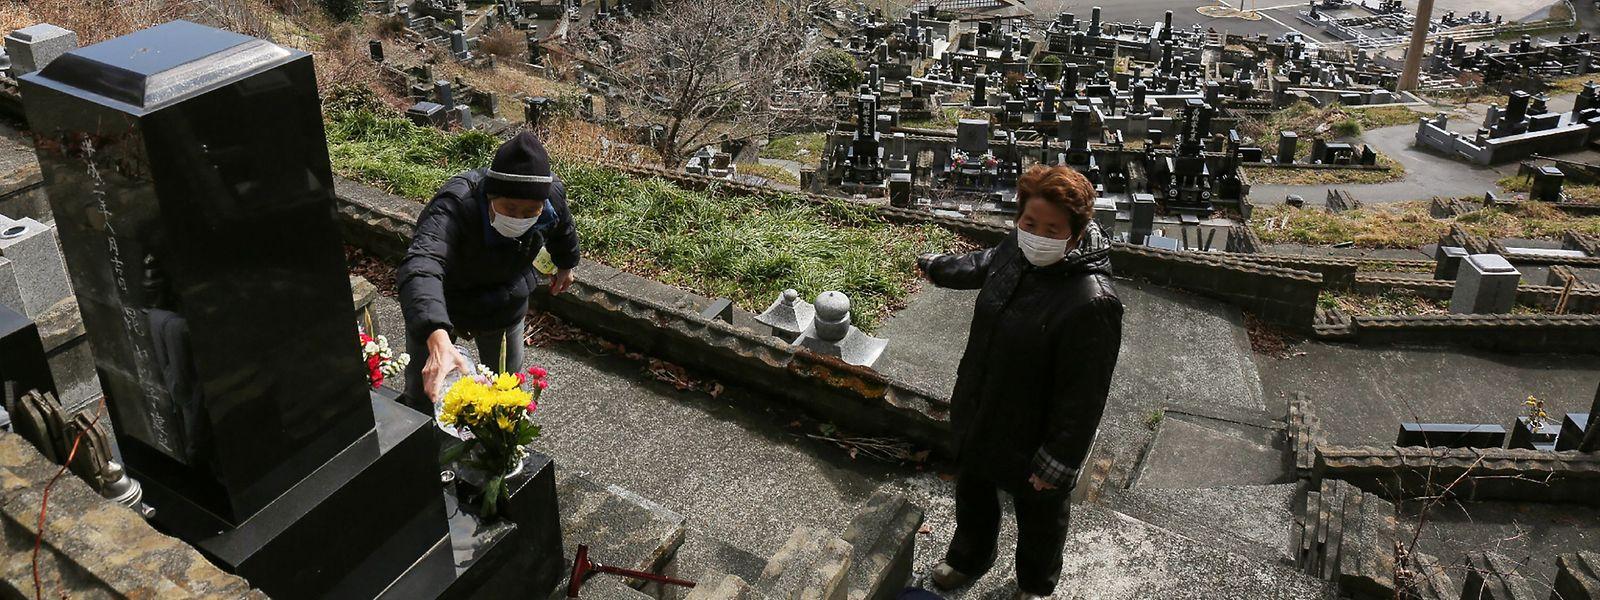 Le tsunami de 2011 avait provoqué le décès de quelque 18.500 personnes.